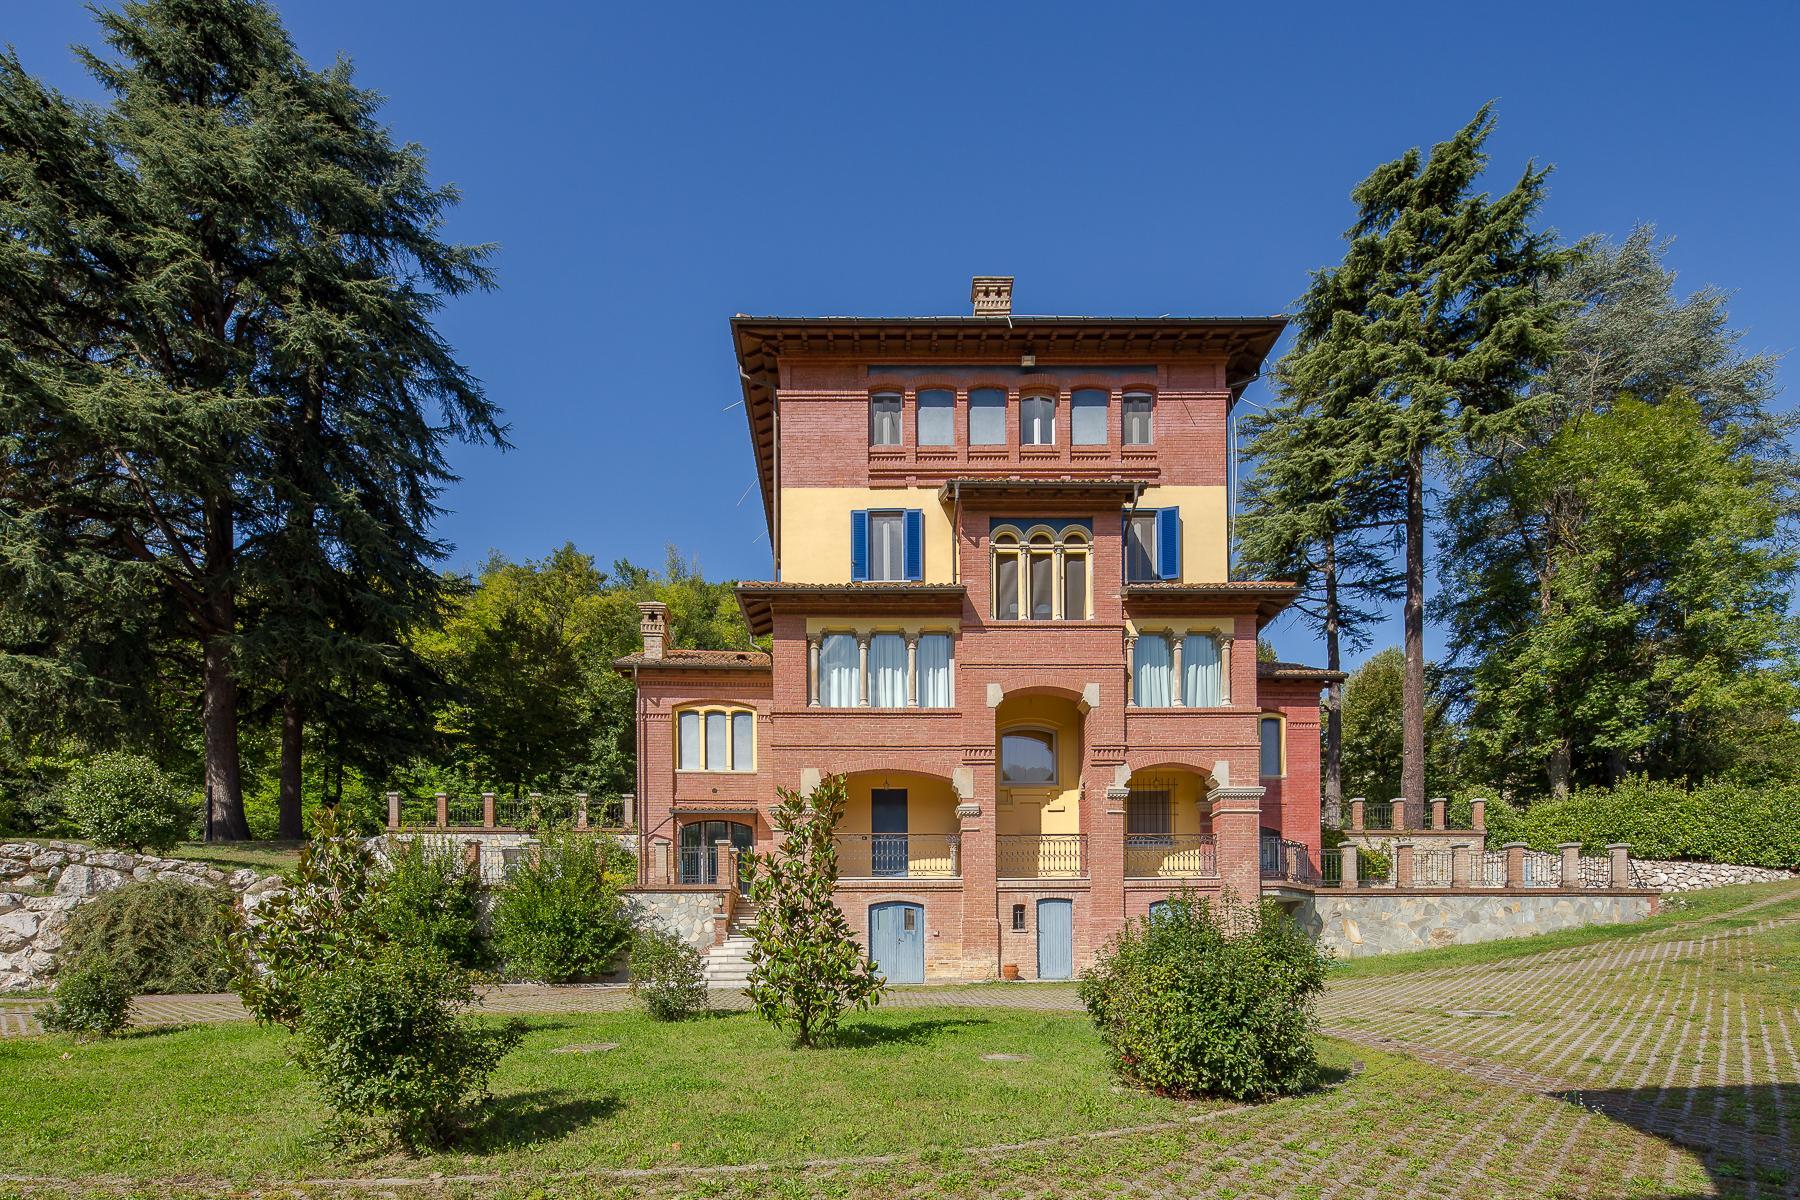 Magnifique villa d'époque à Salsomaggiore Terme - 6